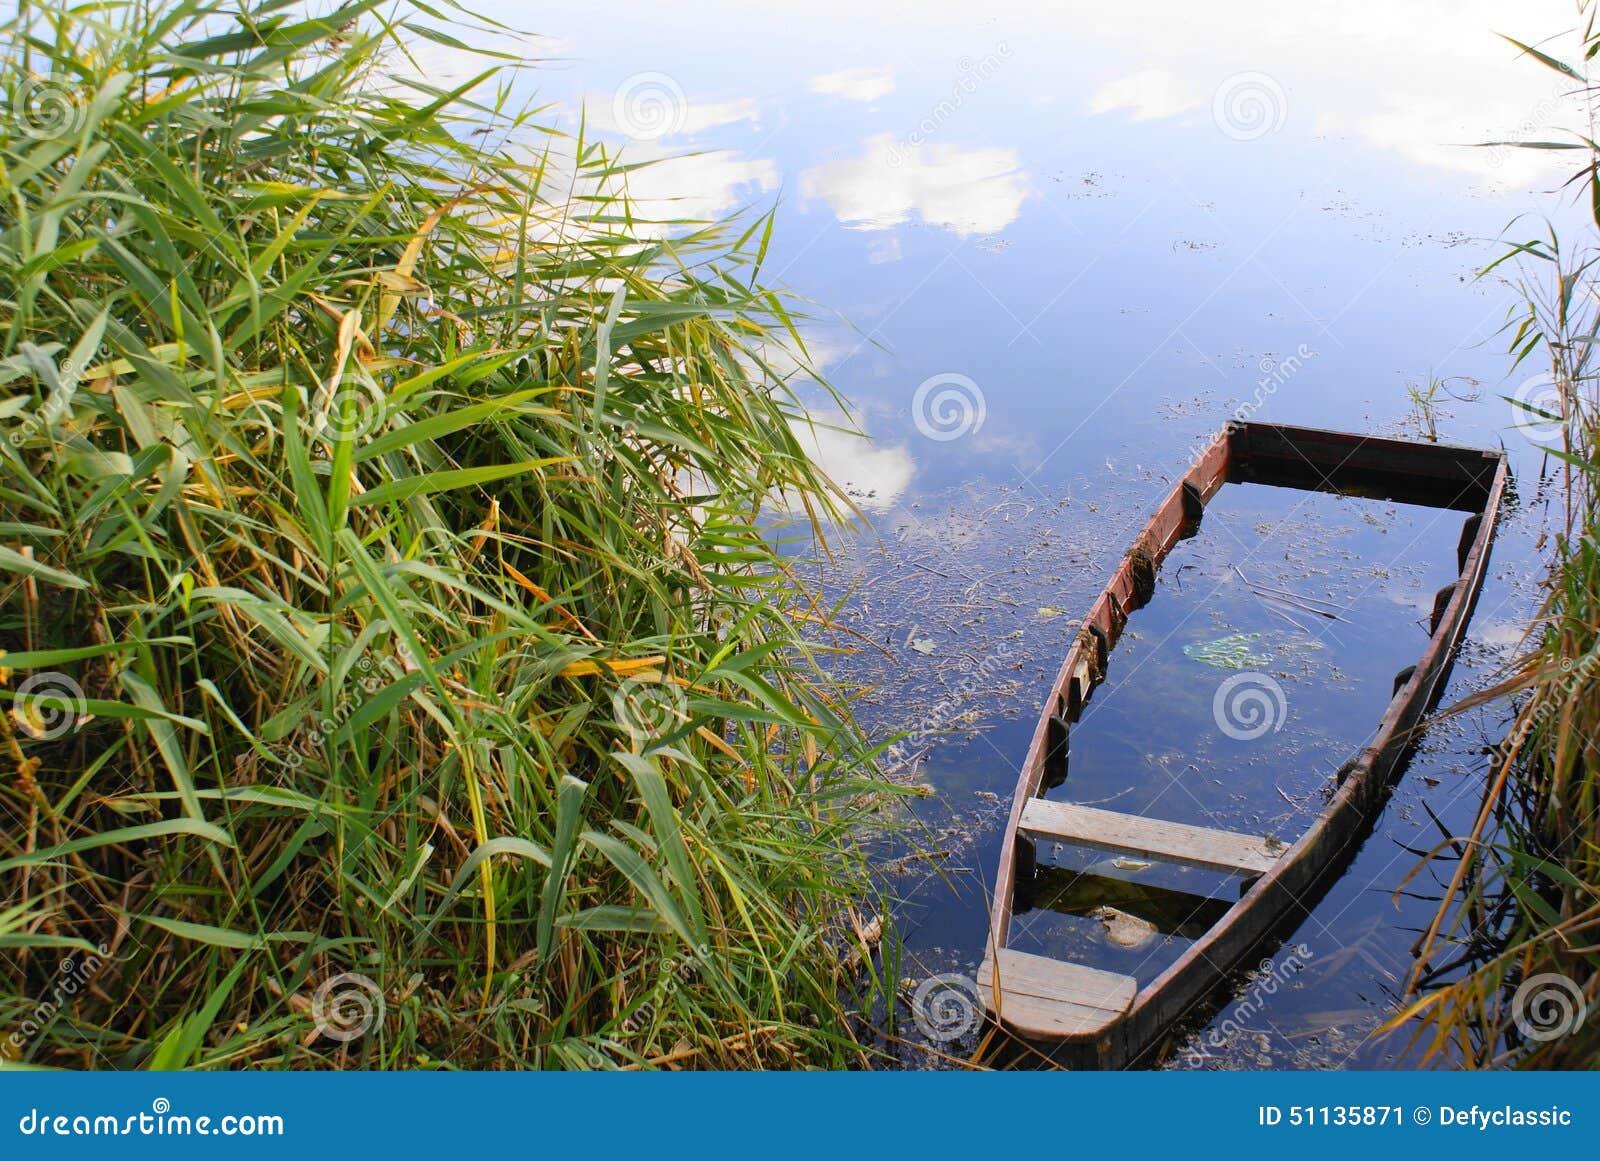 Βυθισμένη βάρκα